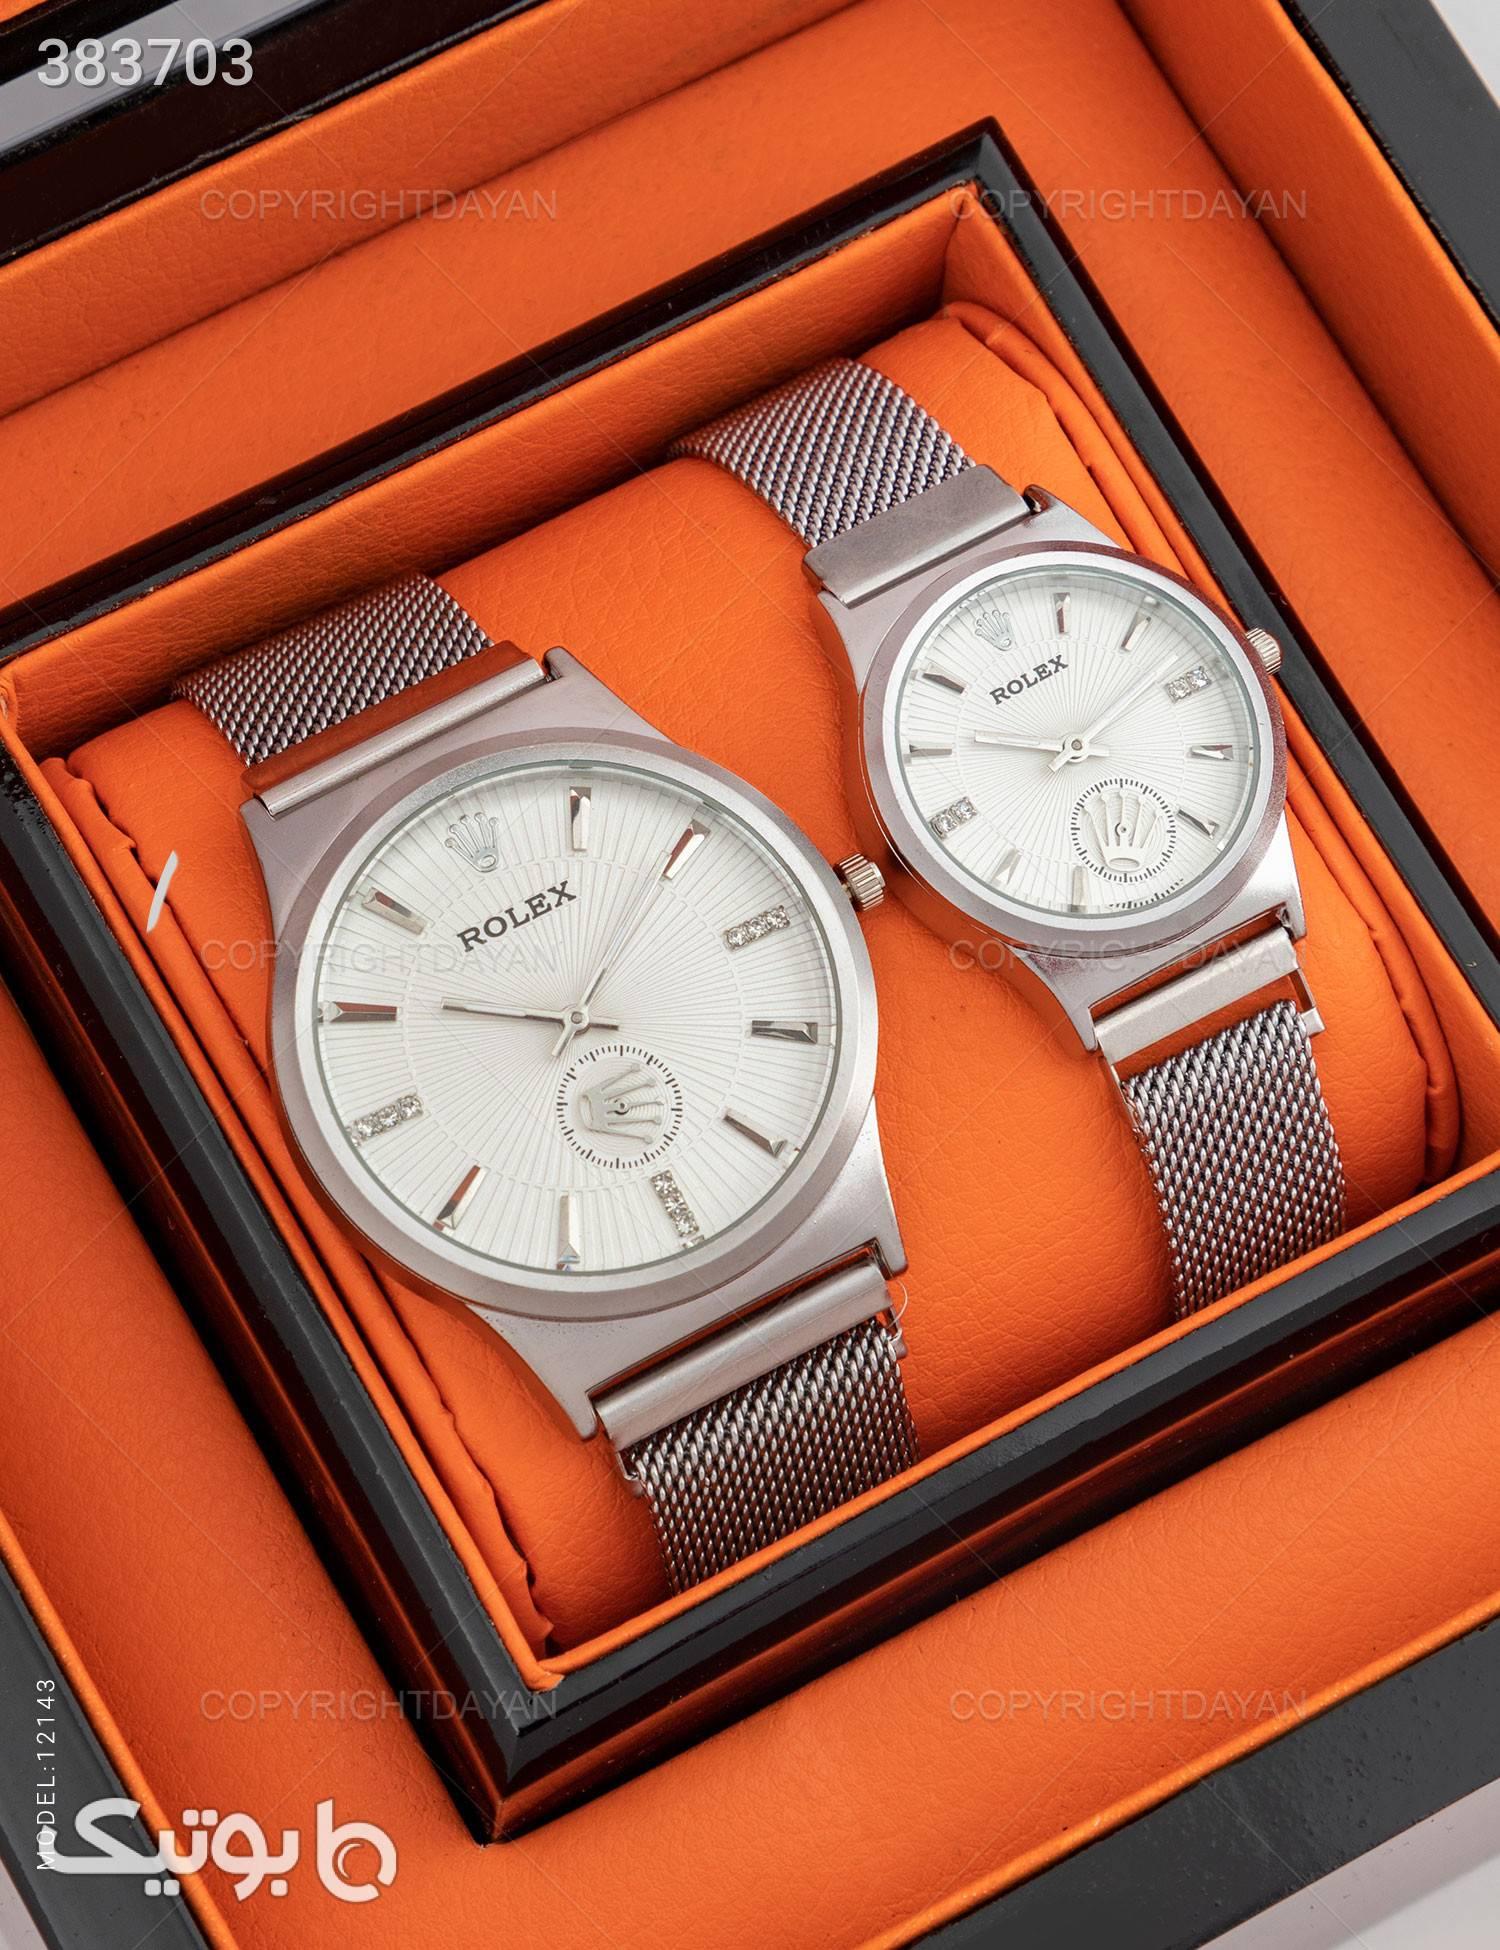 ست ساعت مچی Rolex مدل 12143 نقره ای ساعت